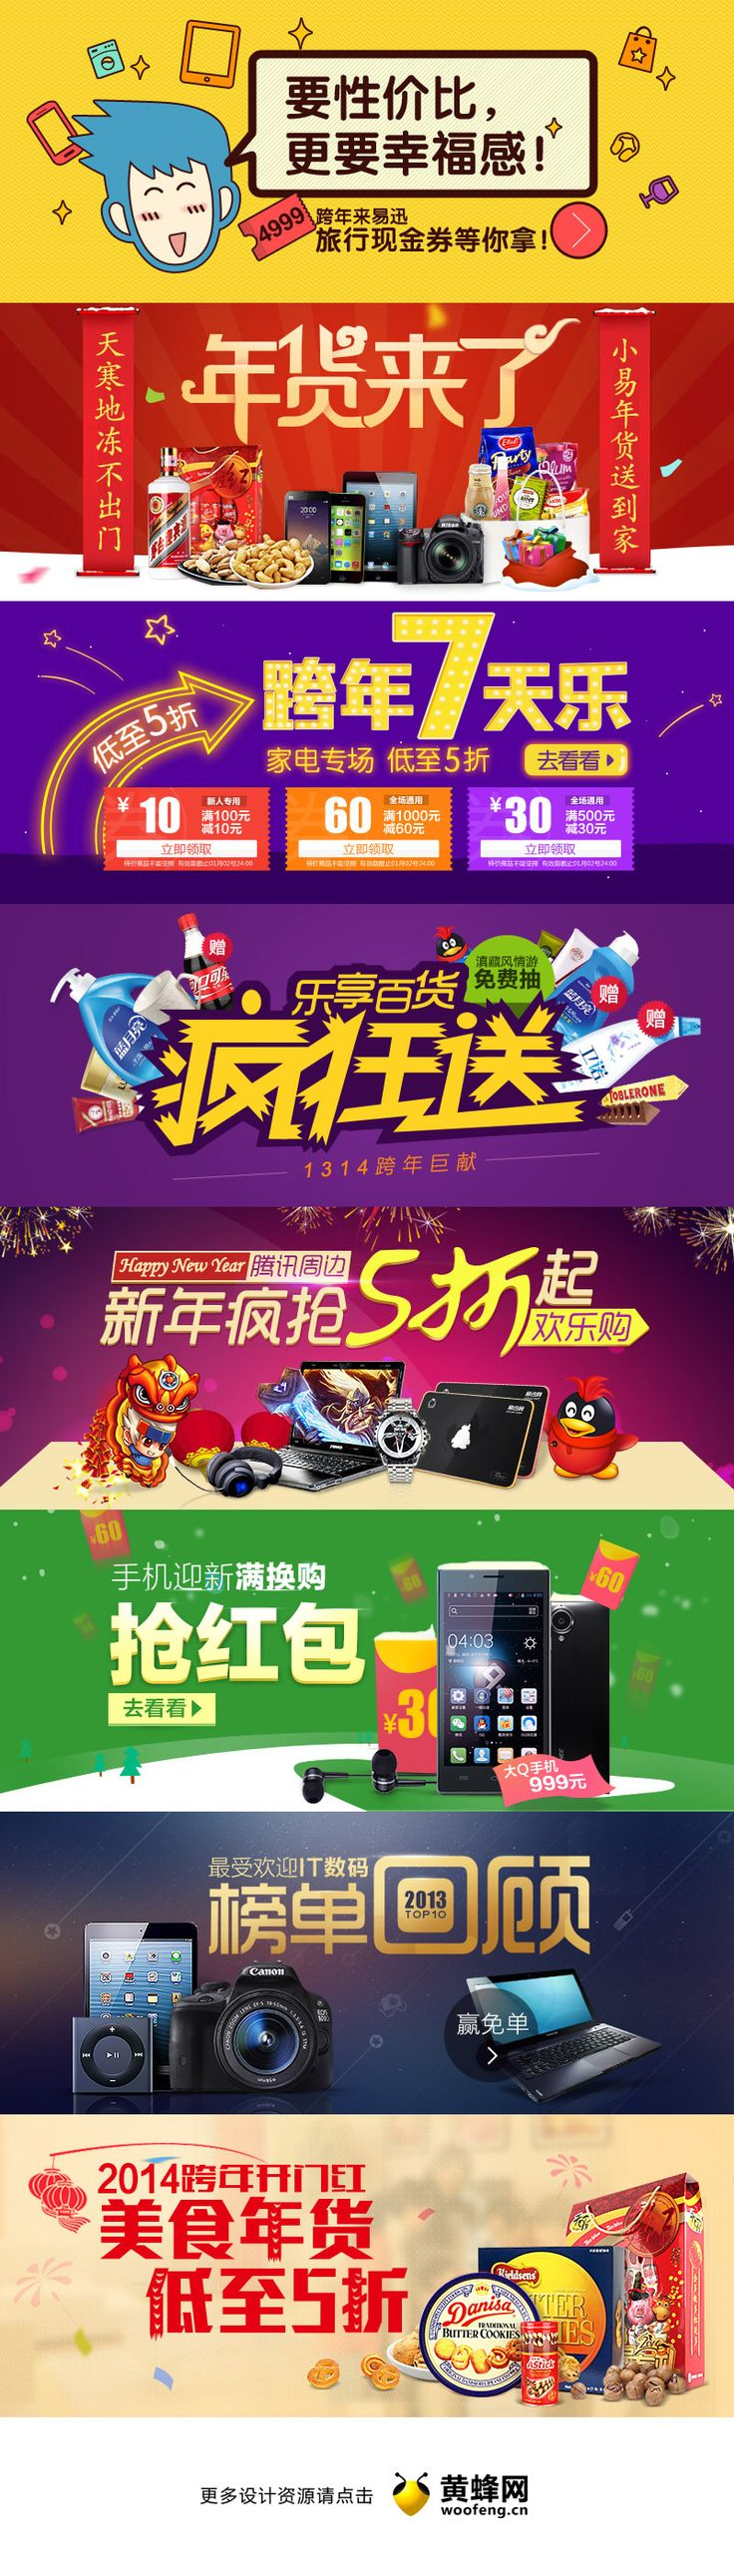 易讯网新年活动图片Banner设计,来源自黄蜂网http://woofeng.cn/